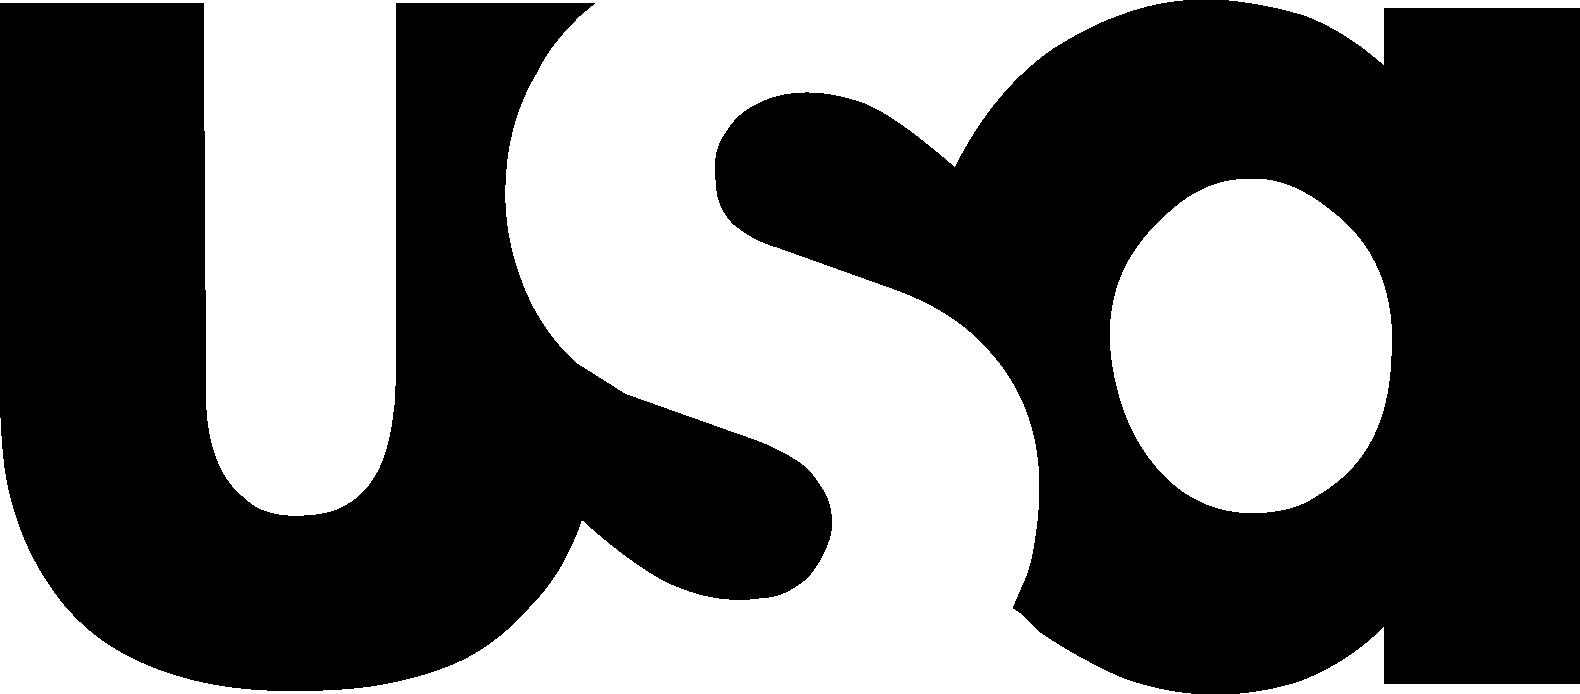 USA Network Logo [usanetwork.com] png